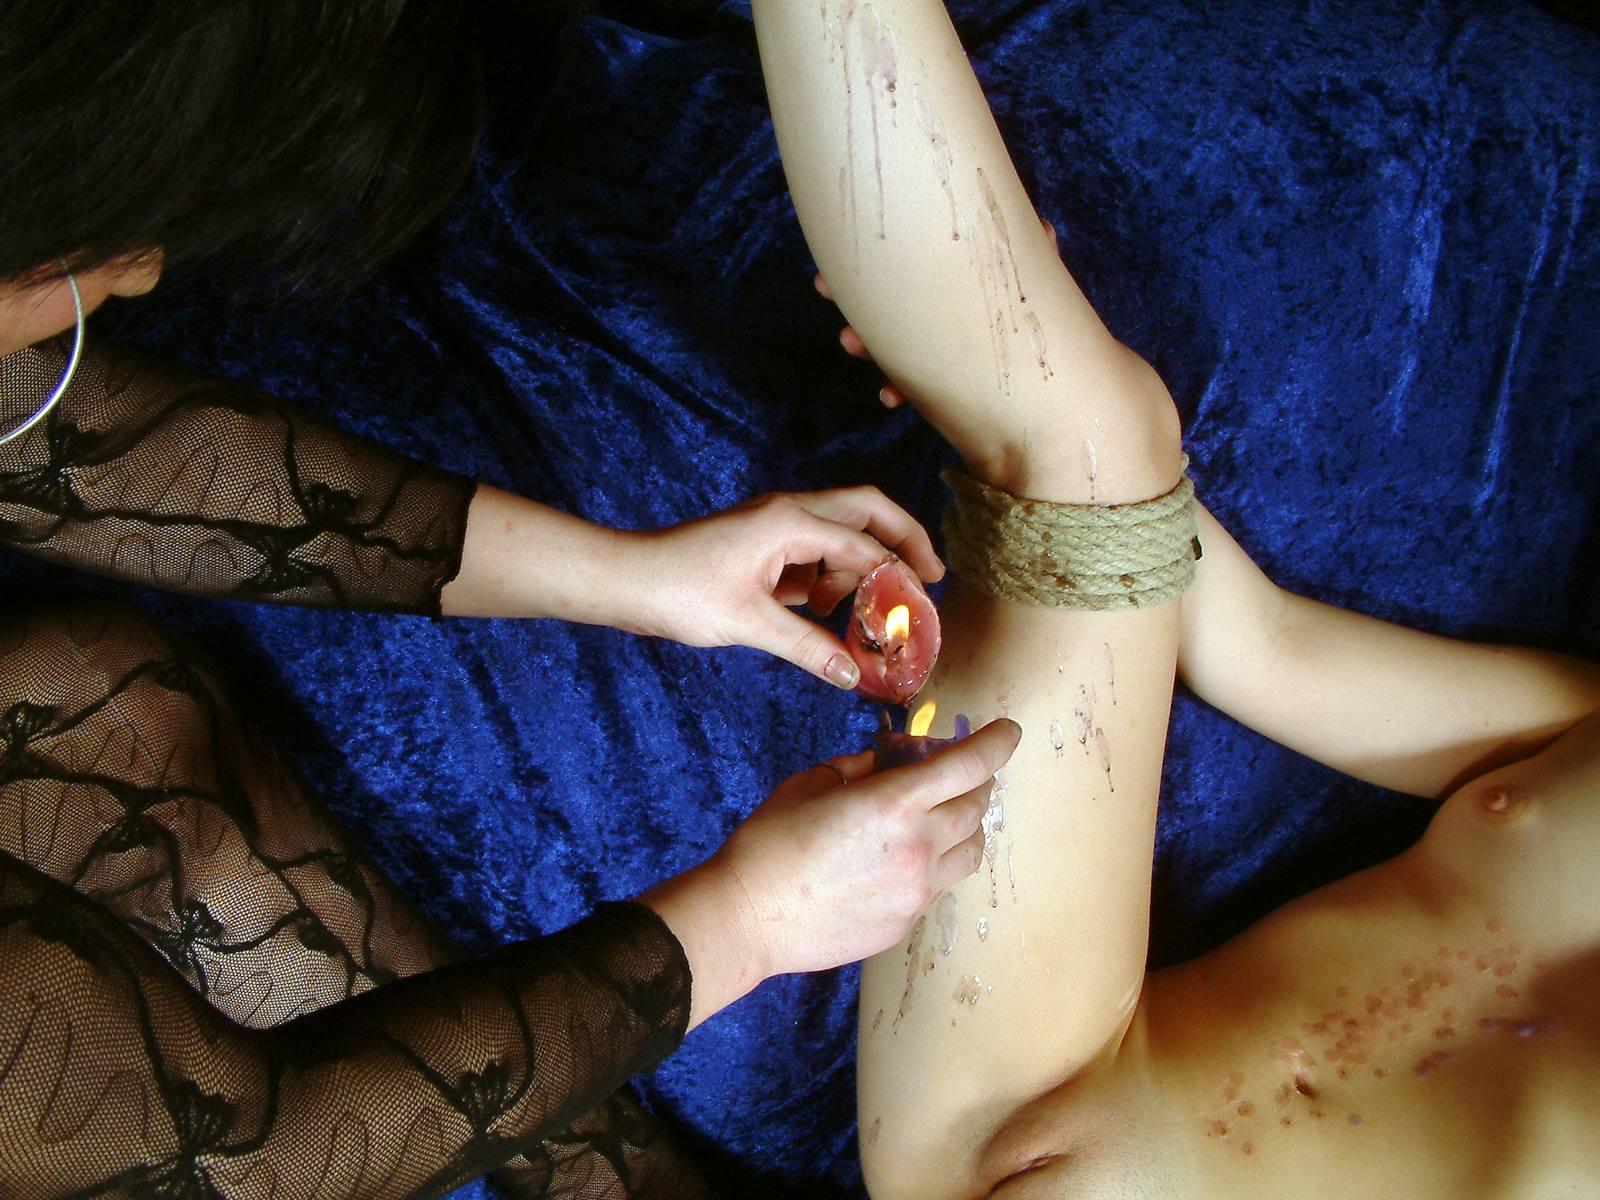 Русская девушка издеваться над подругой, Русская девушка сосет троим партнерам и трахается 14 фотография